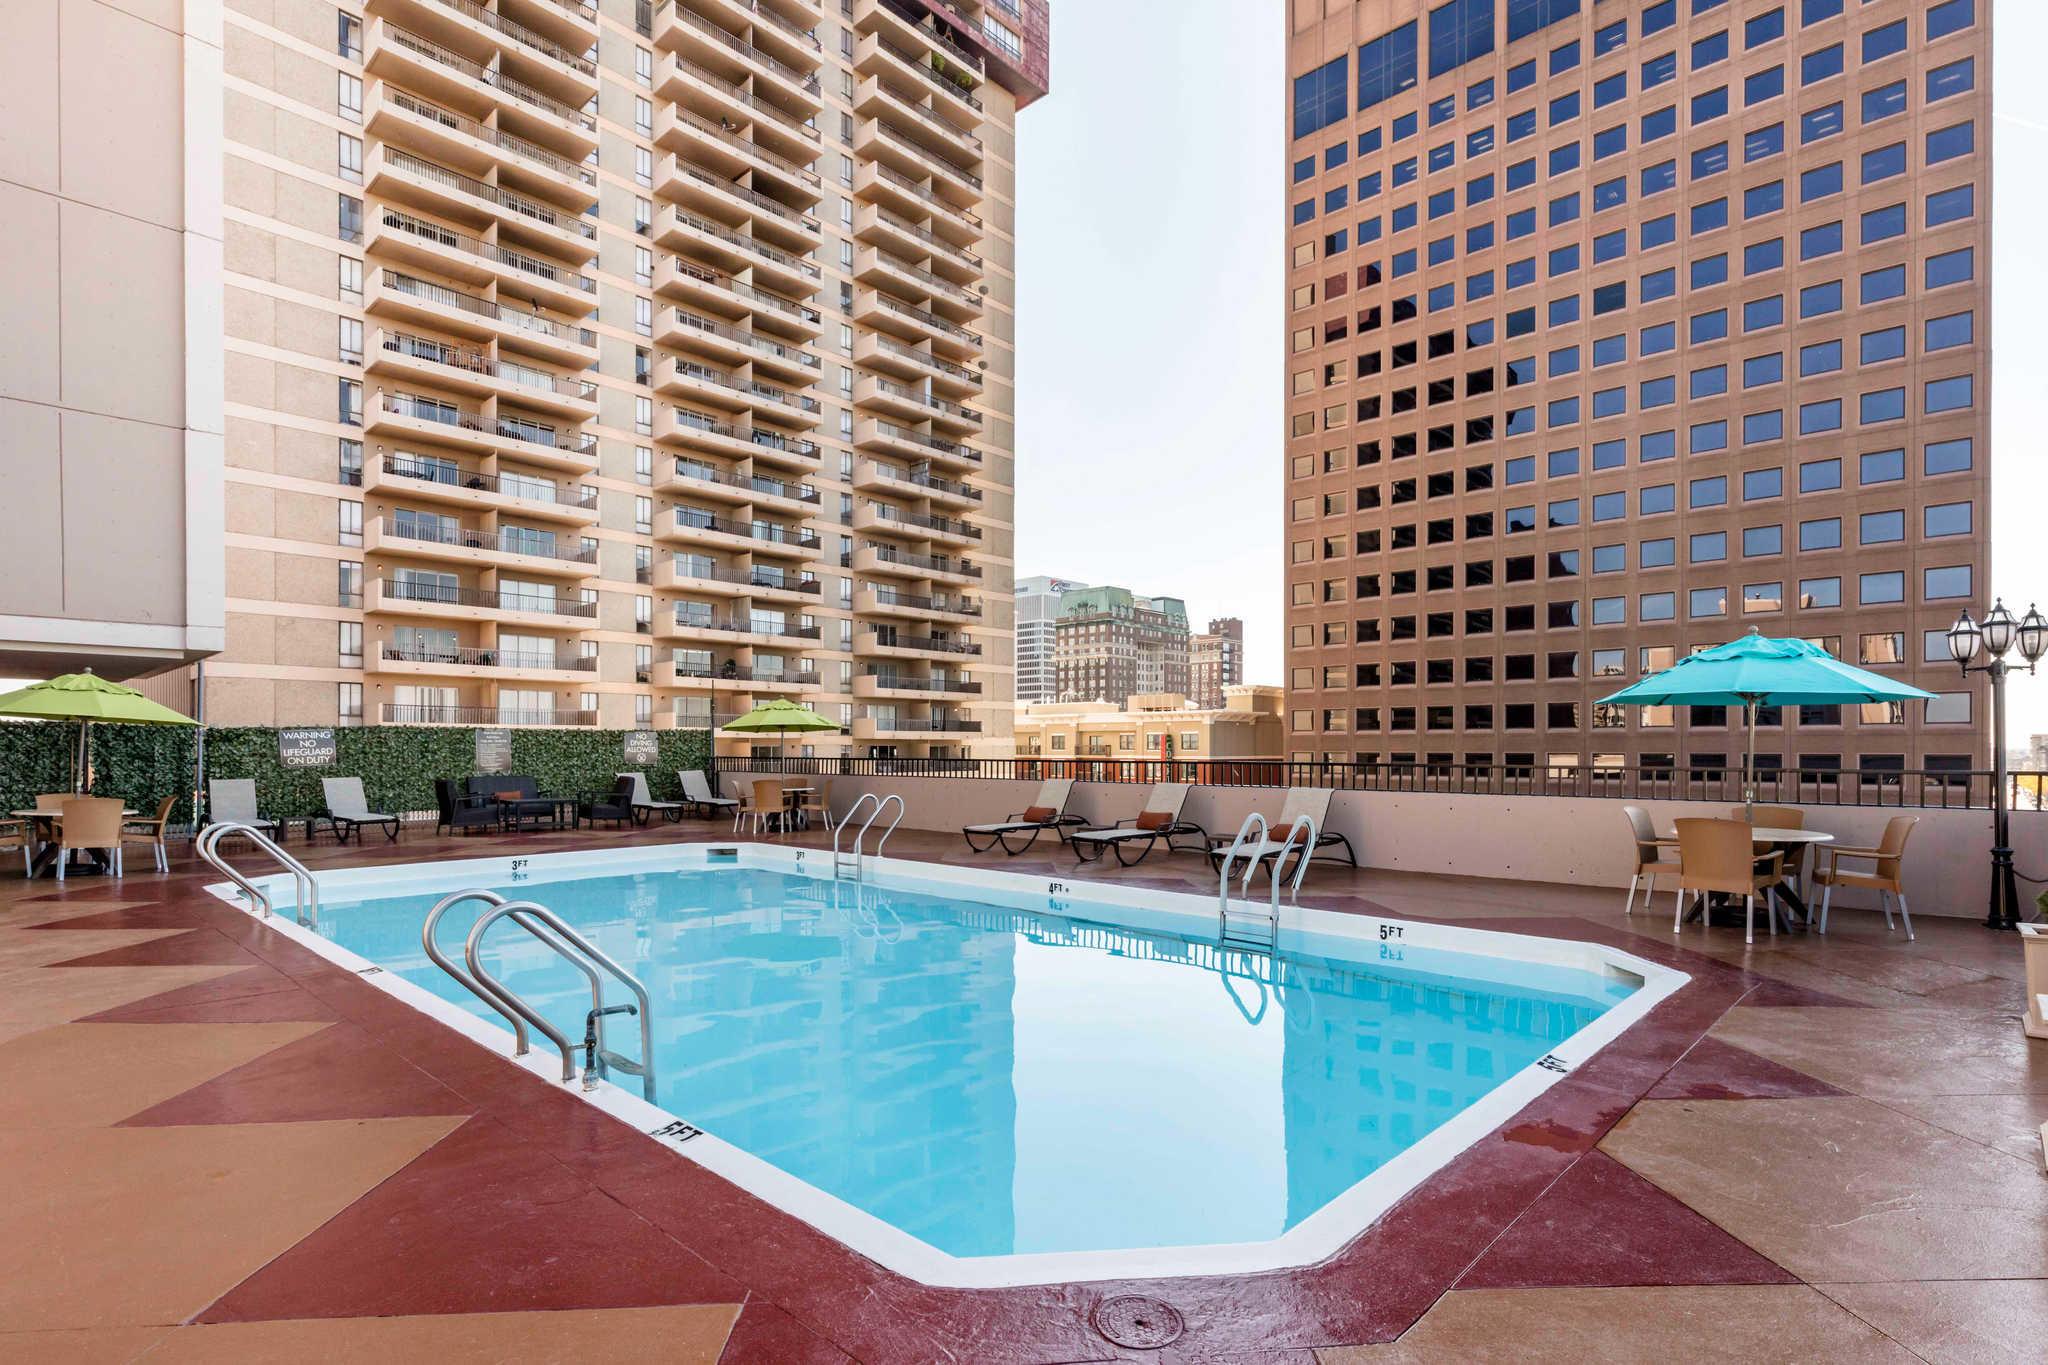 Hotels In Memphis Tn Near Zoo